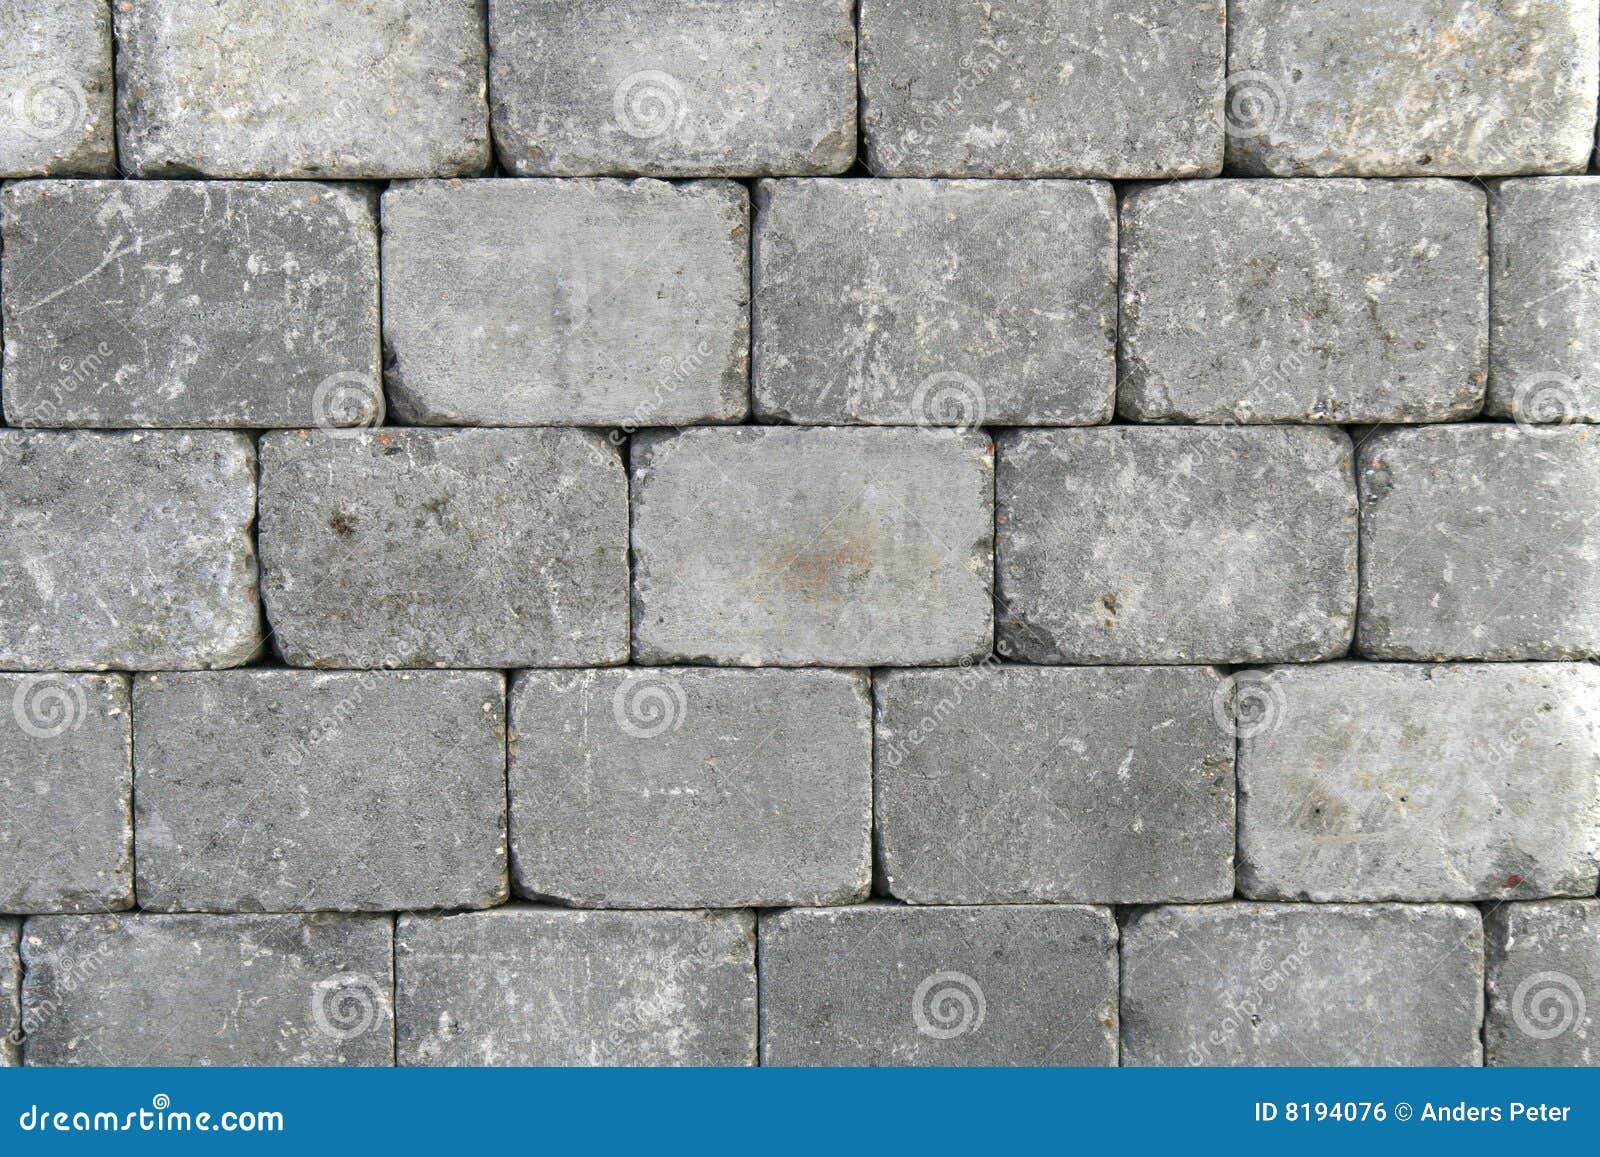 Rough Granite Block : Rough granite block wall royalty free stock image